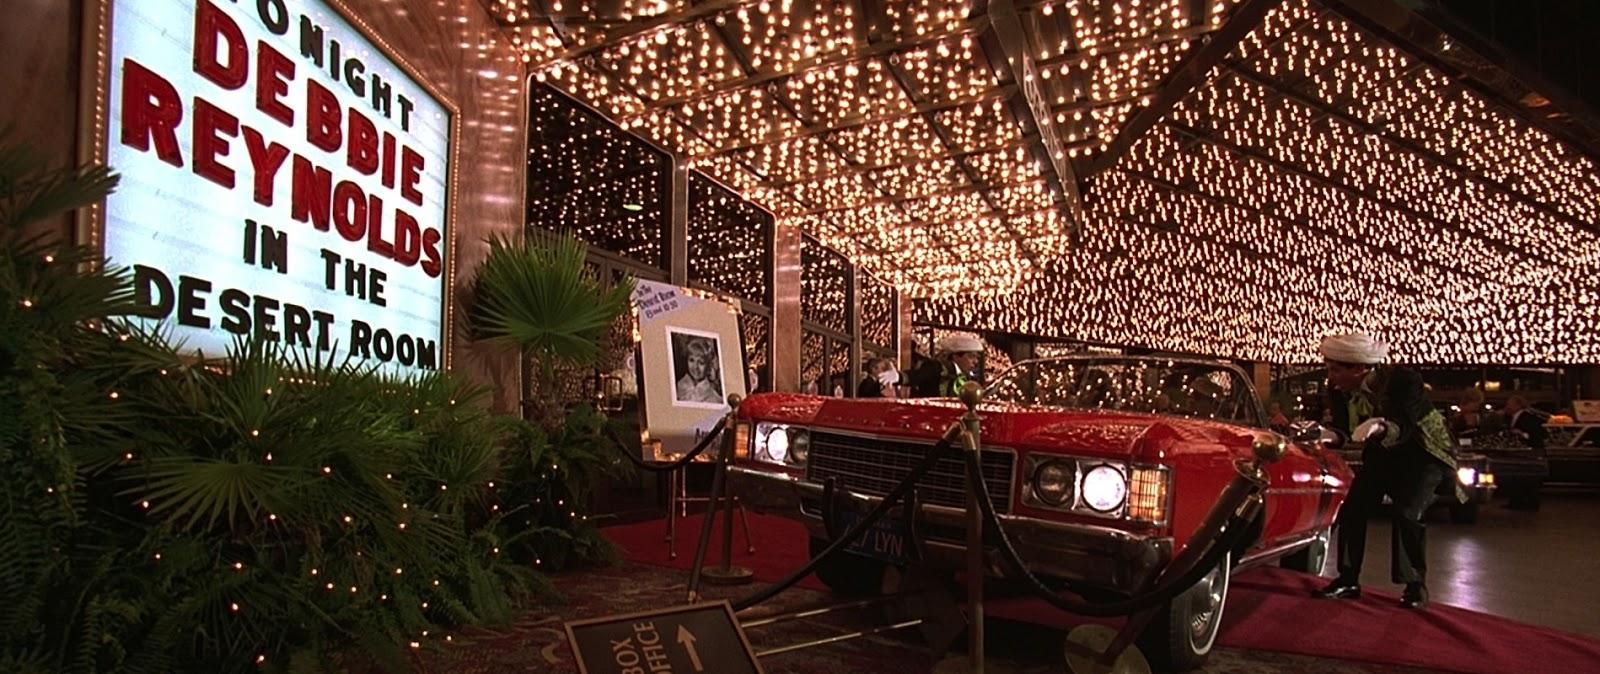 Mejor casino para ganar en las vegas winorama com - 43159